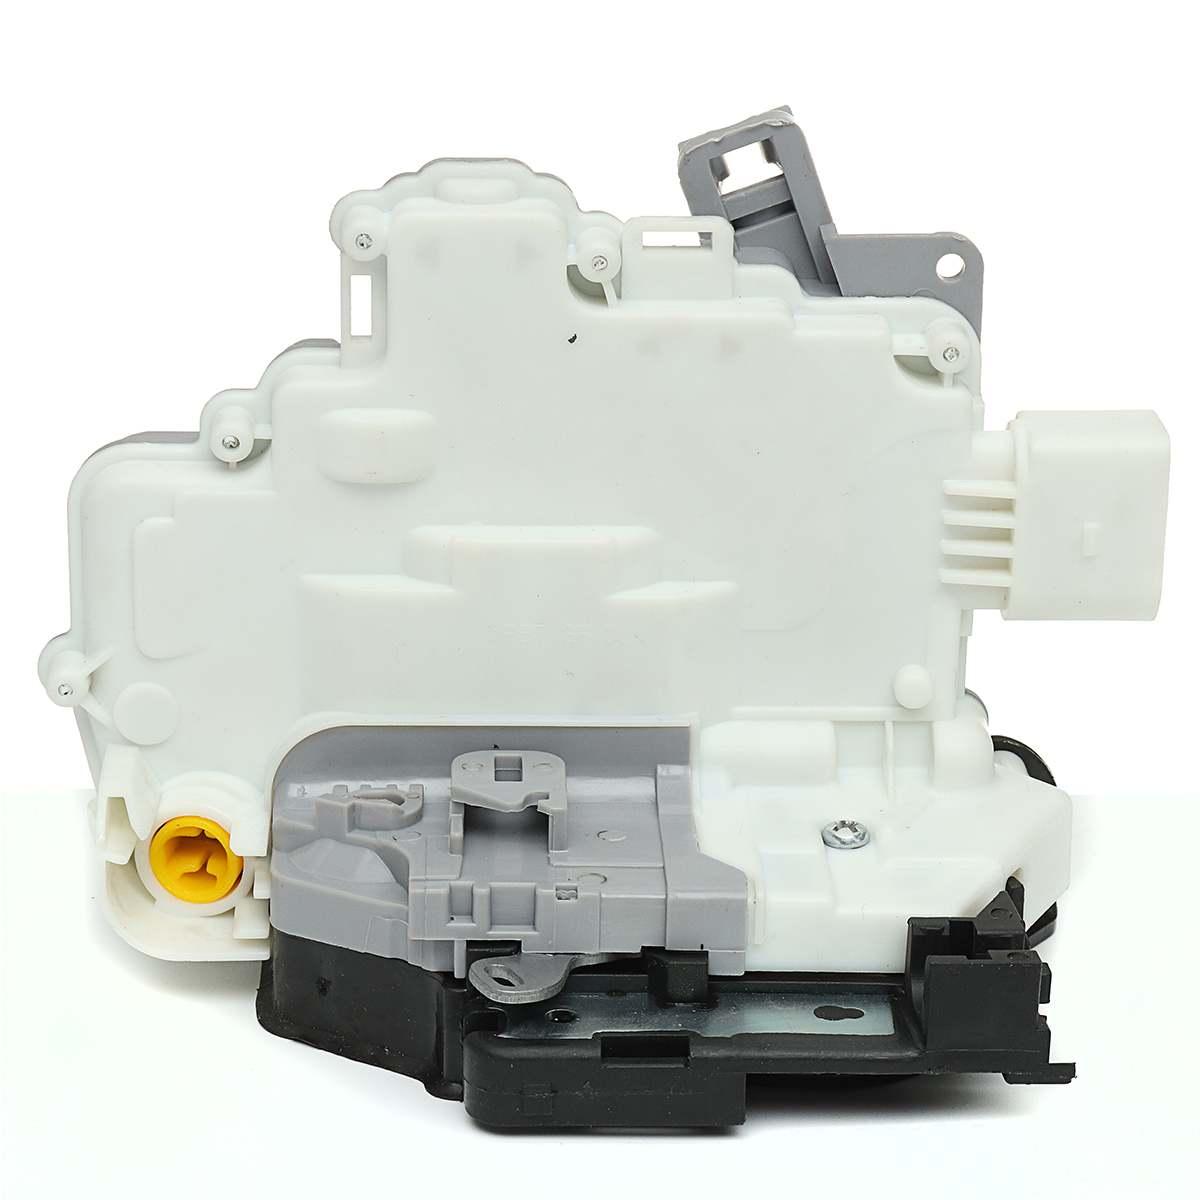 Actionneur de serrure de porte pour Vw pour Audi q3 q5 q7 A4 A5 TT b6 pour Skoda Superb Seat Ibiza gauche droite 8K0839016 3C4839016A 8J2837015A - 2